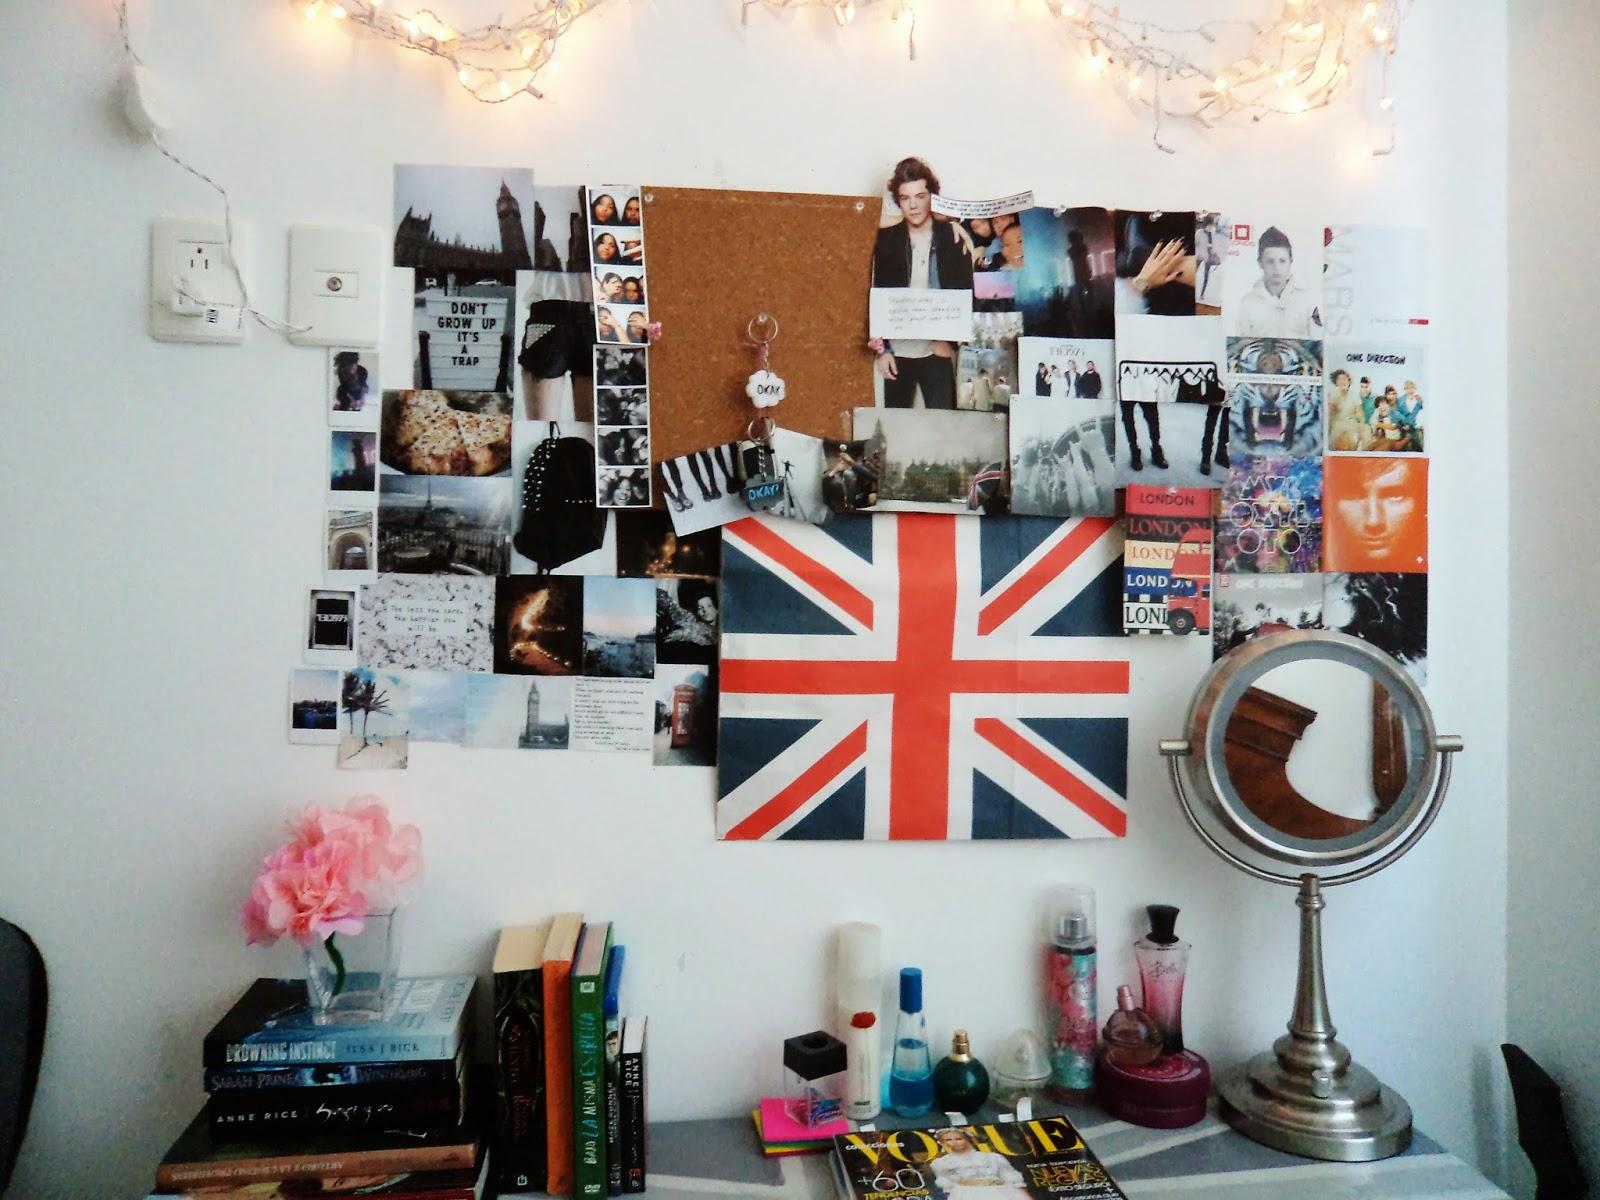 Diy decora tu cuarto estilo tumblr f cil y sin gastar - Decorar tu habitacion ...